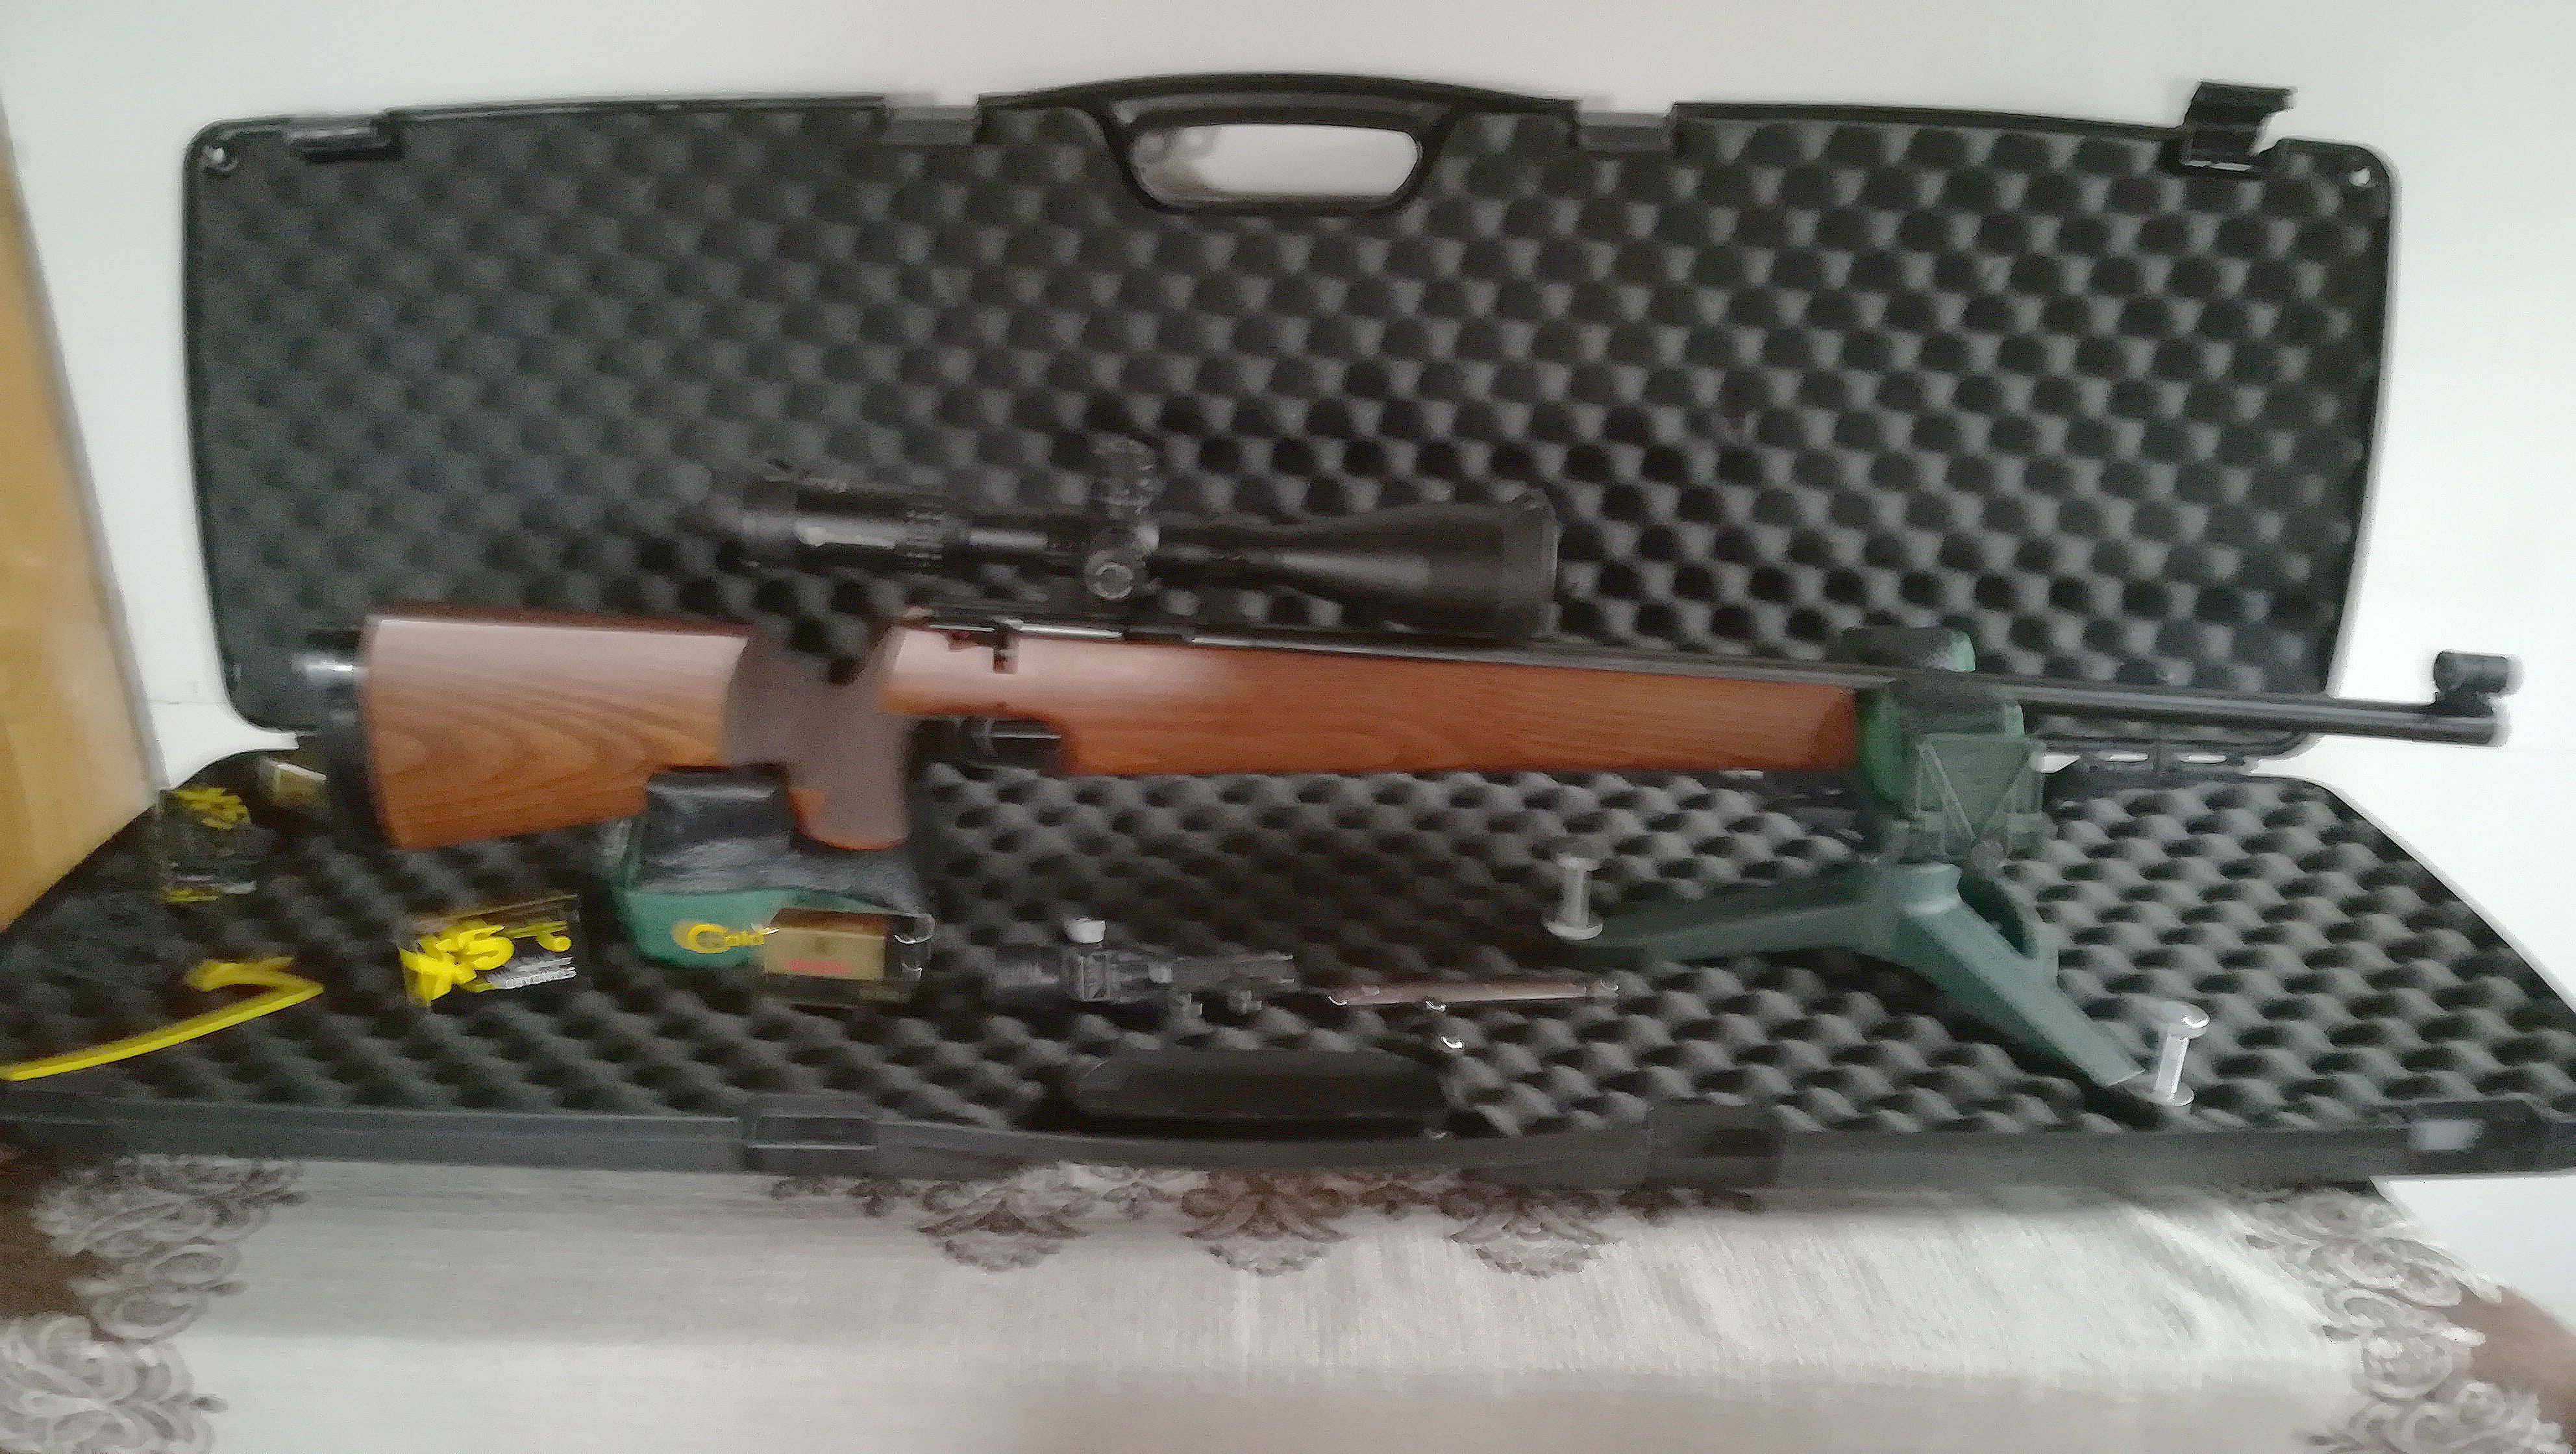 Carabine anschutz 64 ( MATCH)  --- 1000€ ---  19/02/2018